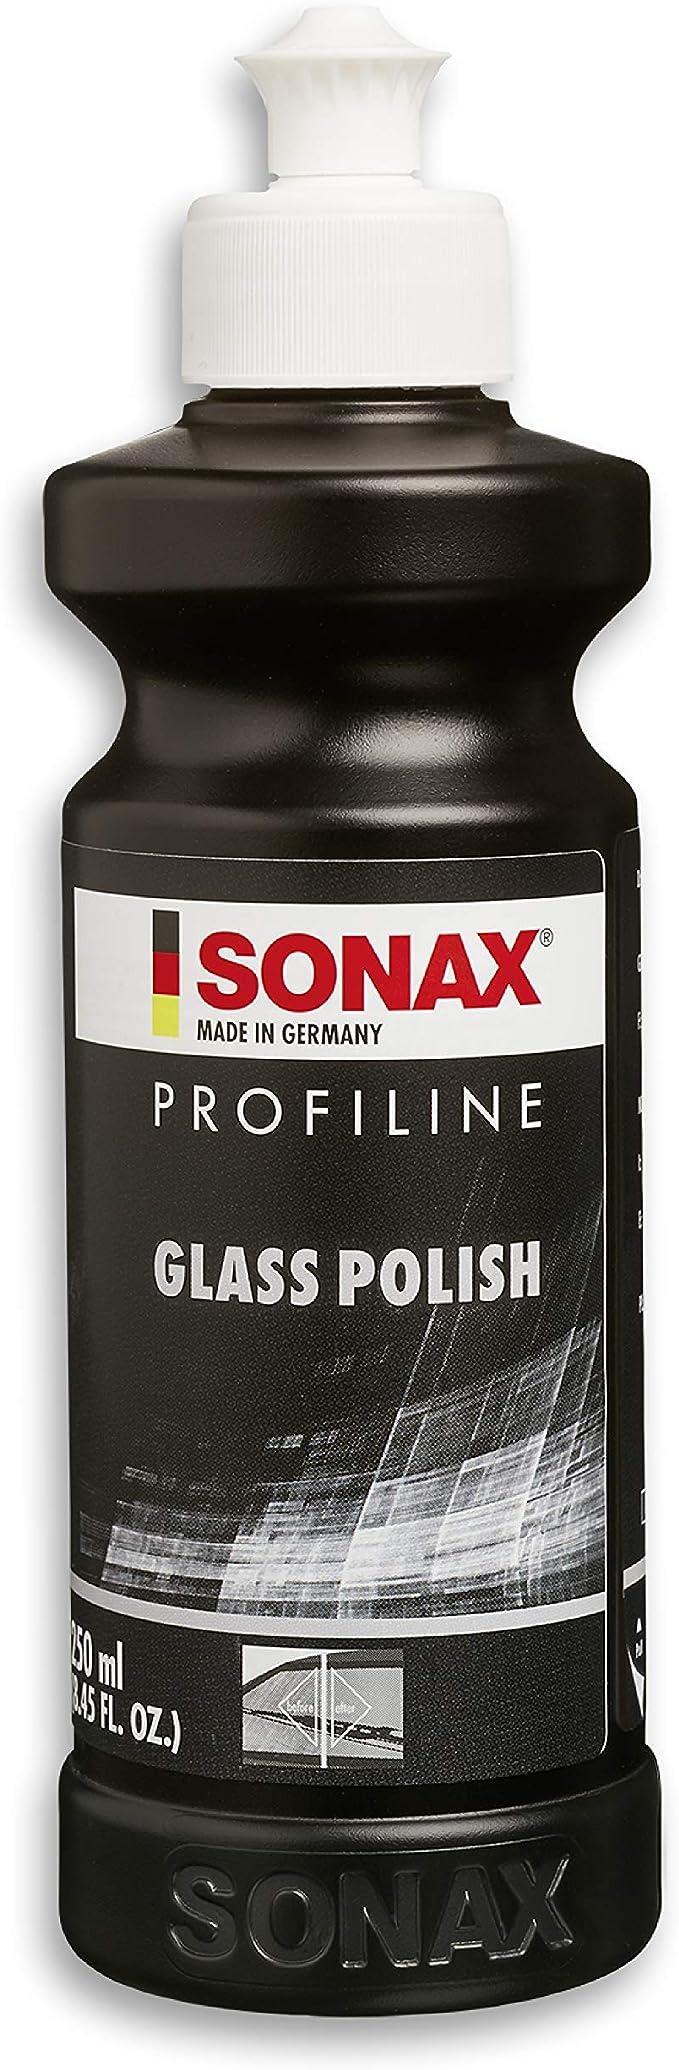 1558 opinioni per SONAX PROFILINE GlassPolish (250 ml)- lucidante per vetri rimuove graffi